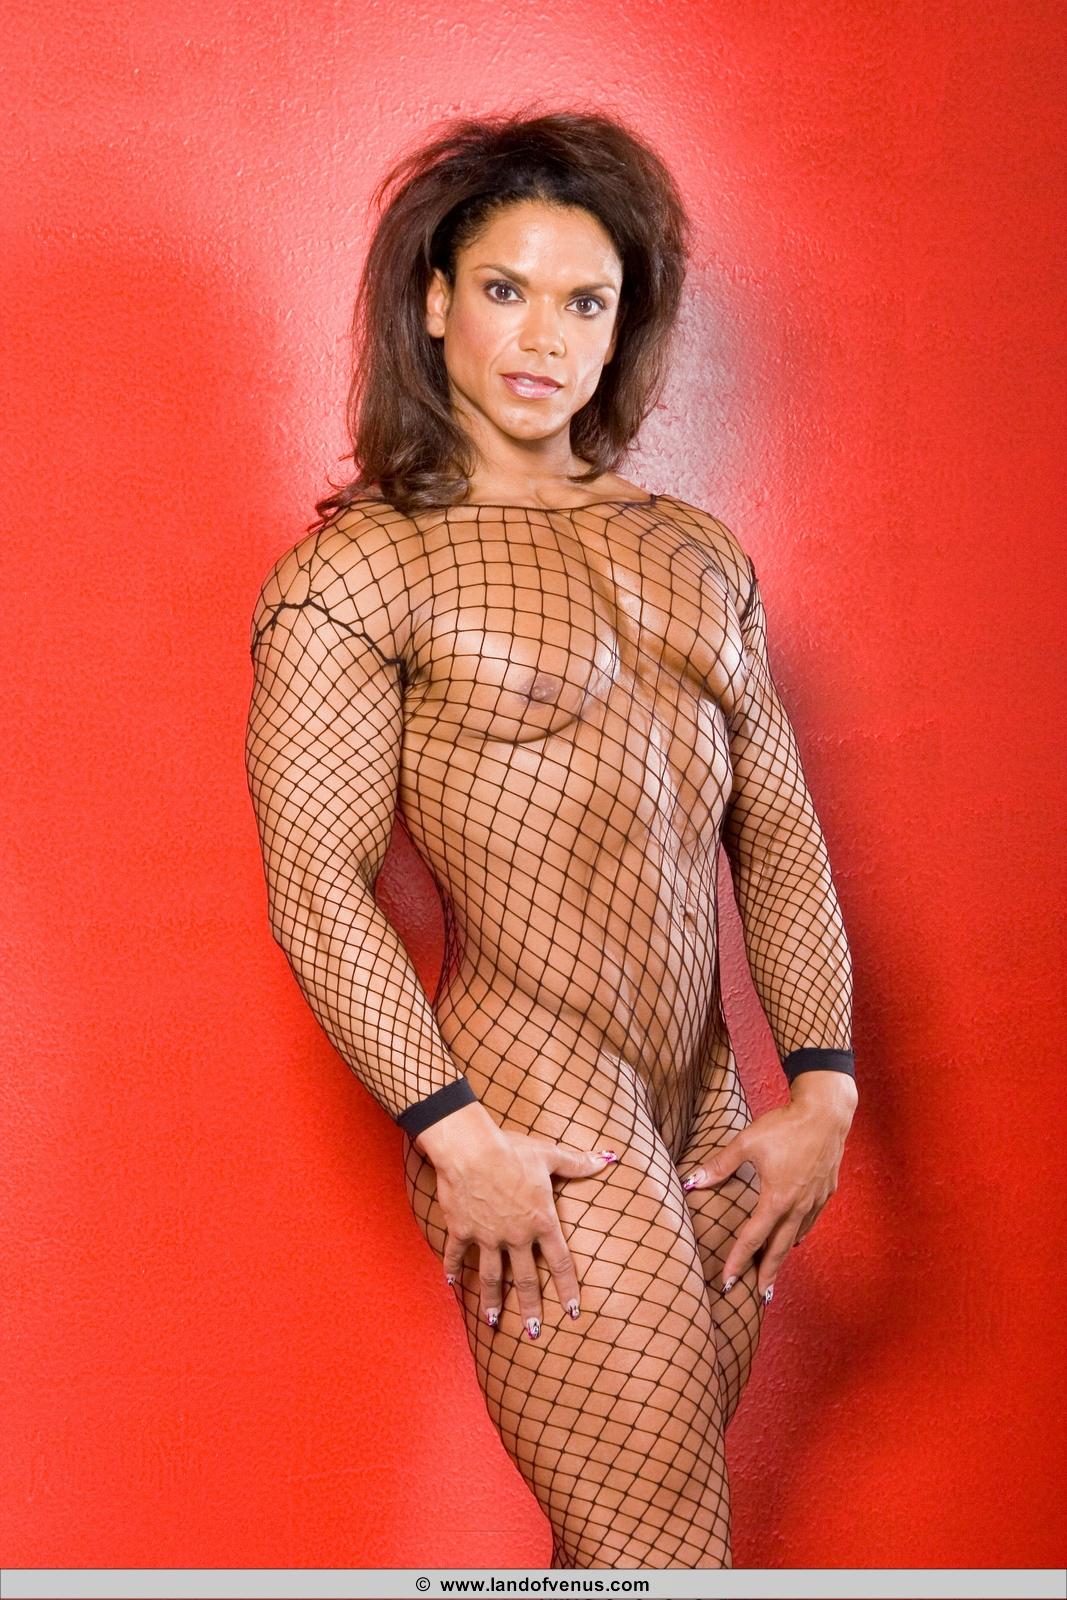 Steroids women nude, miley cyrus bikini picture